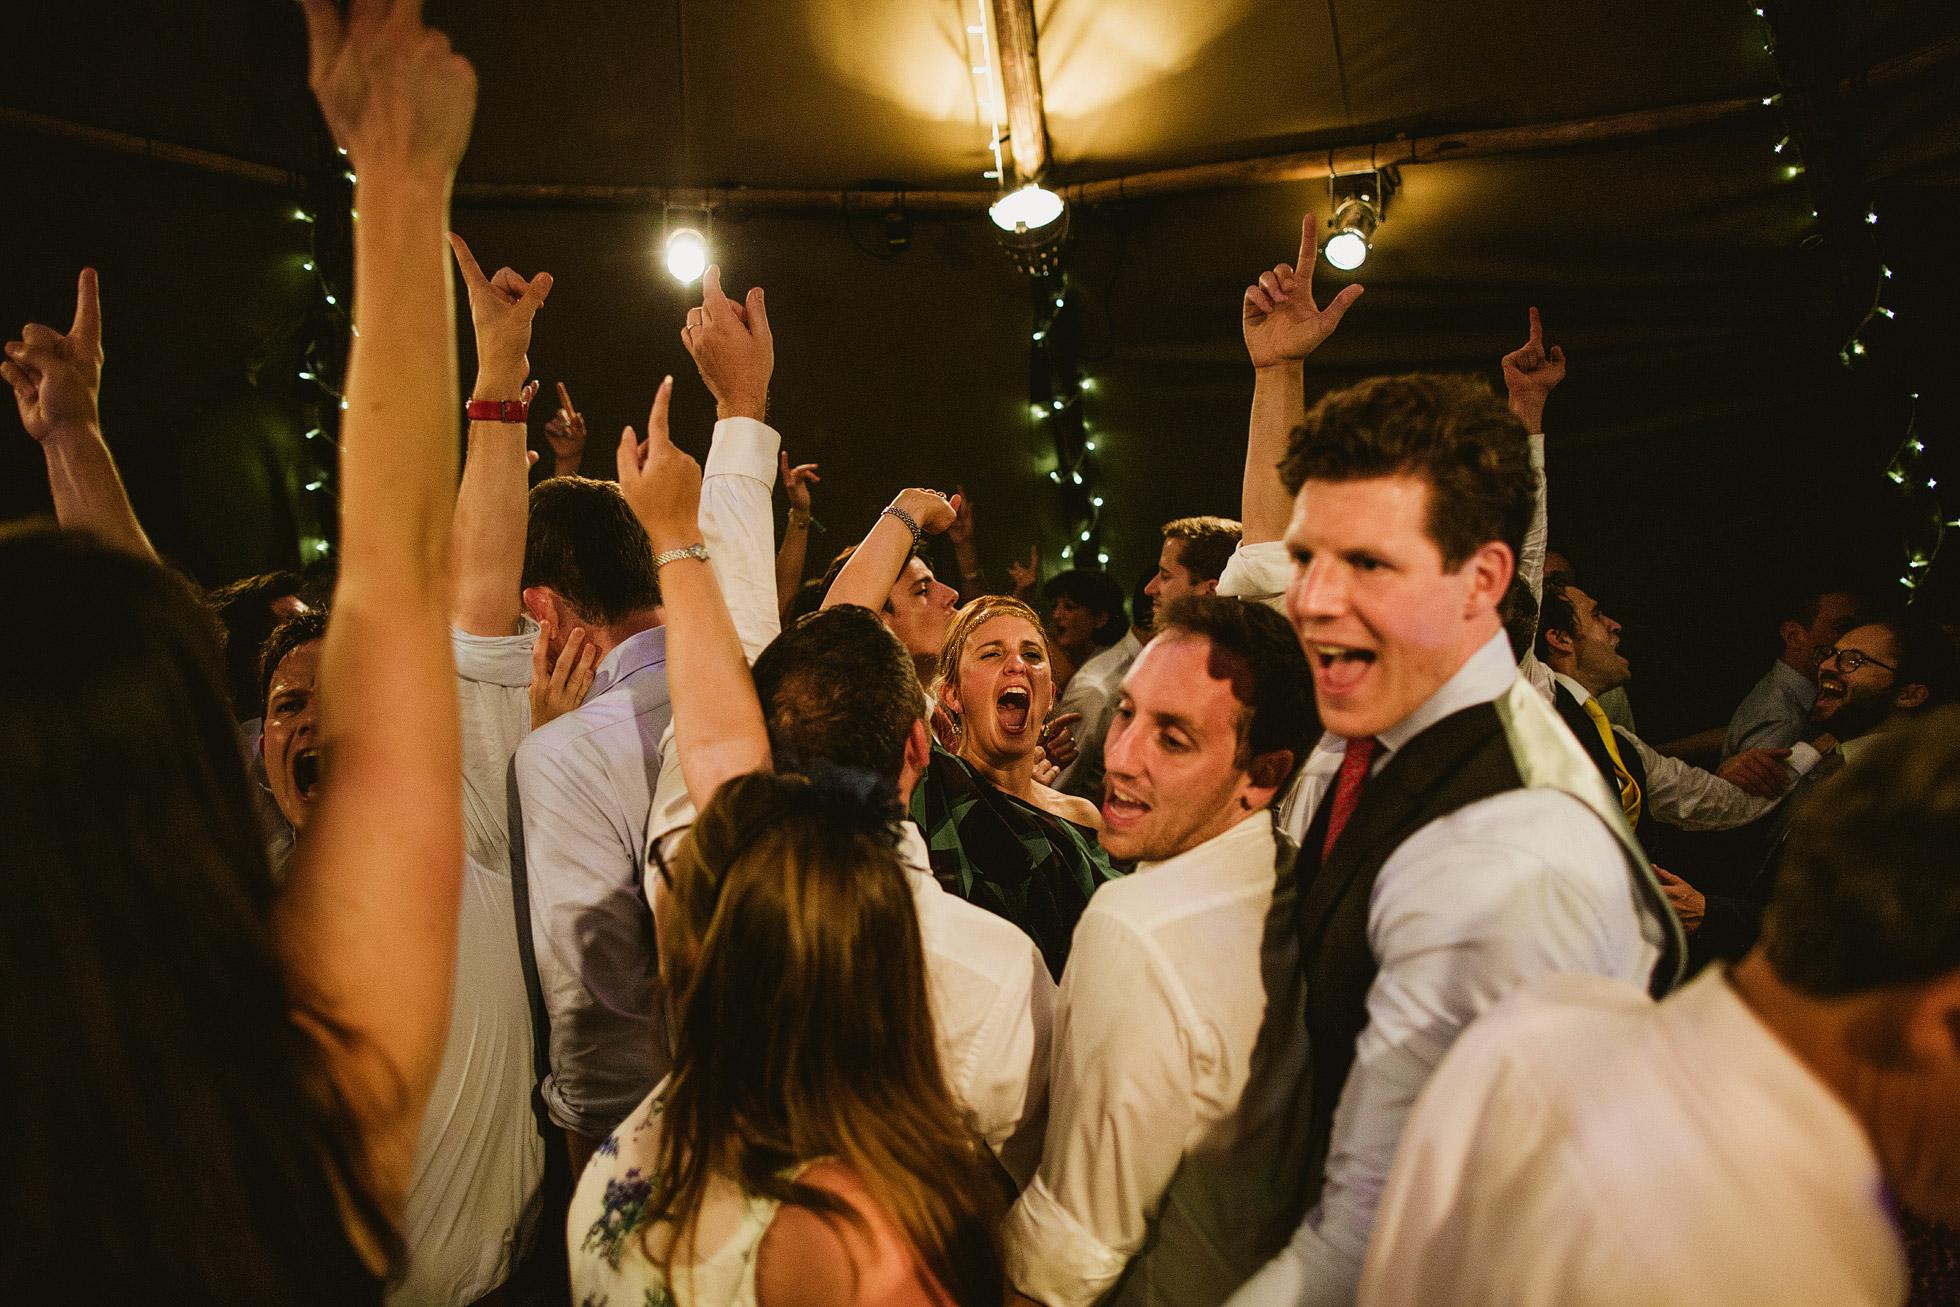 Dancefloor Wedding Antics